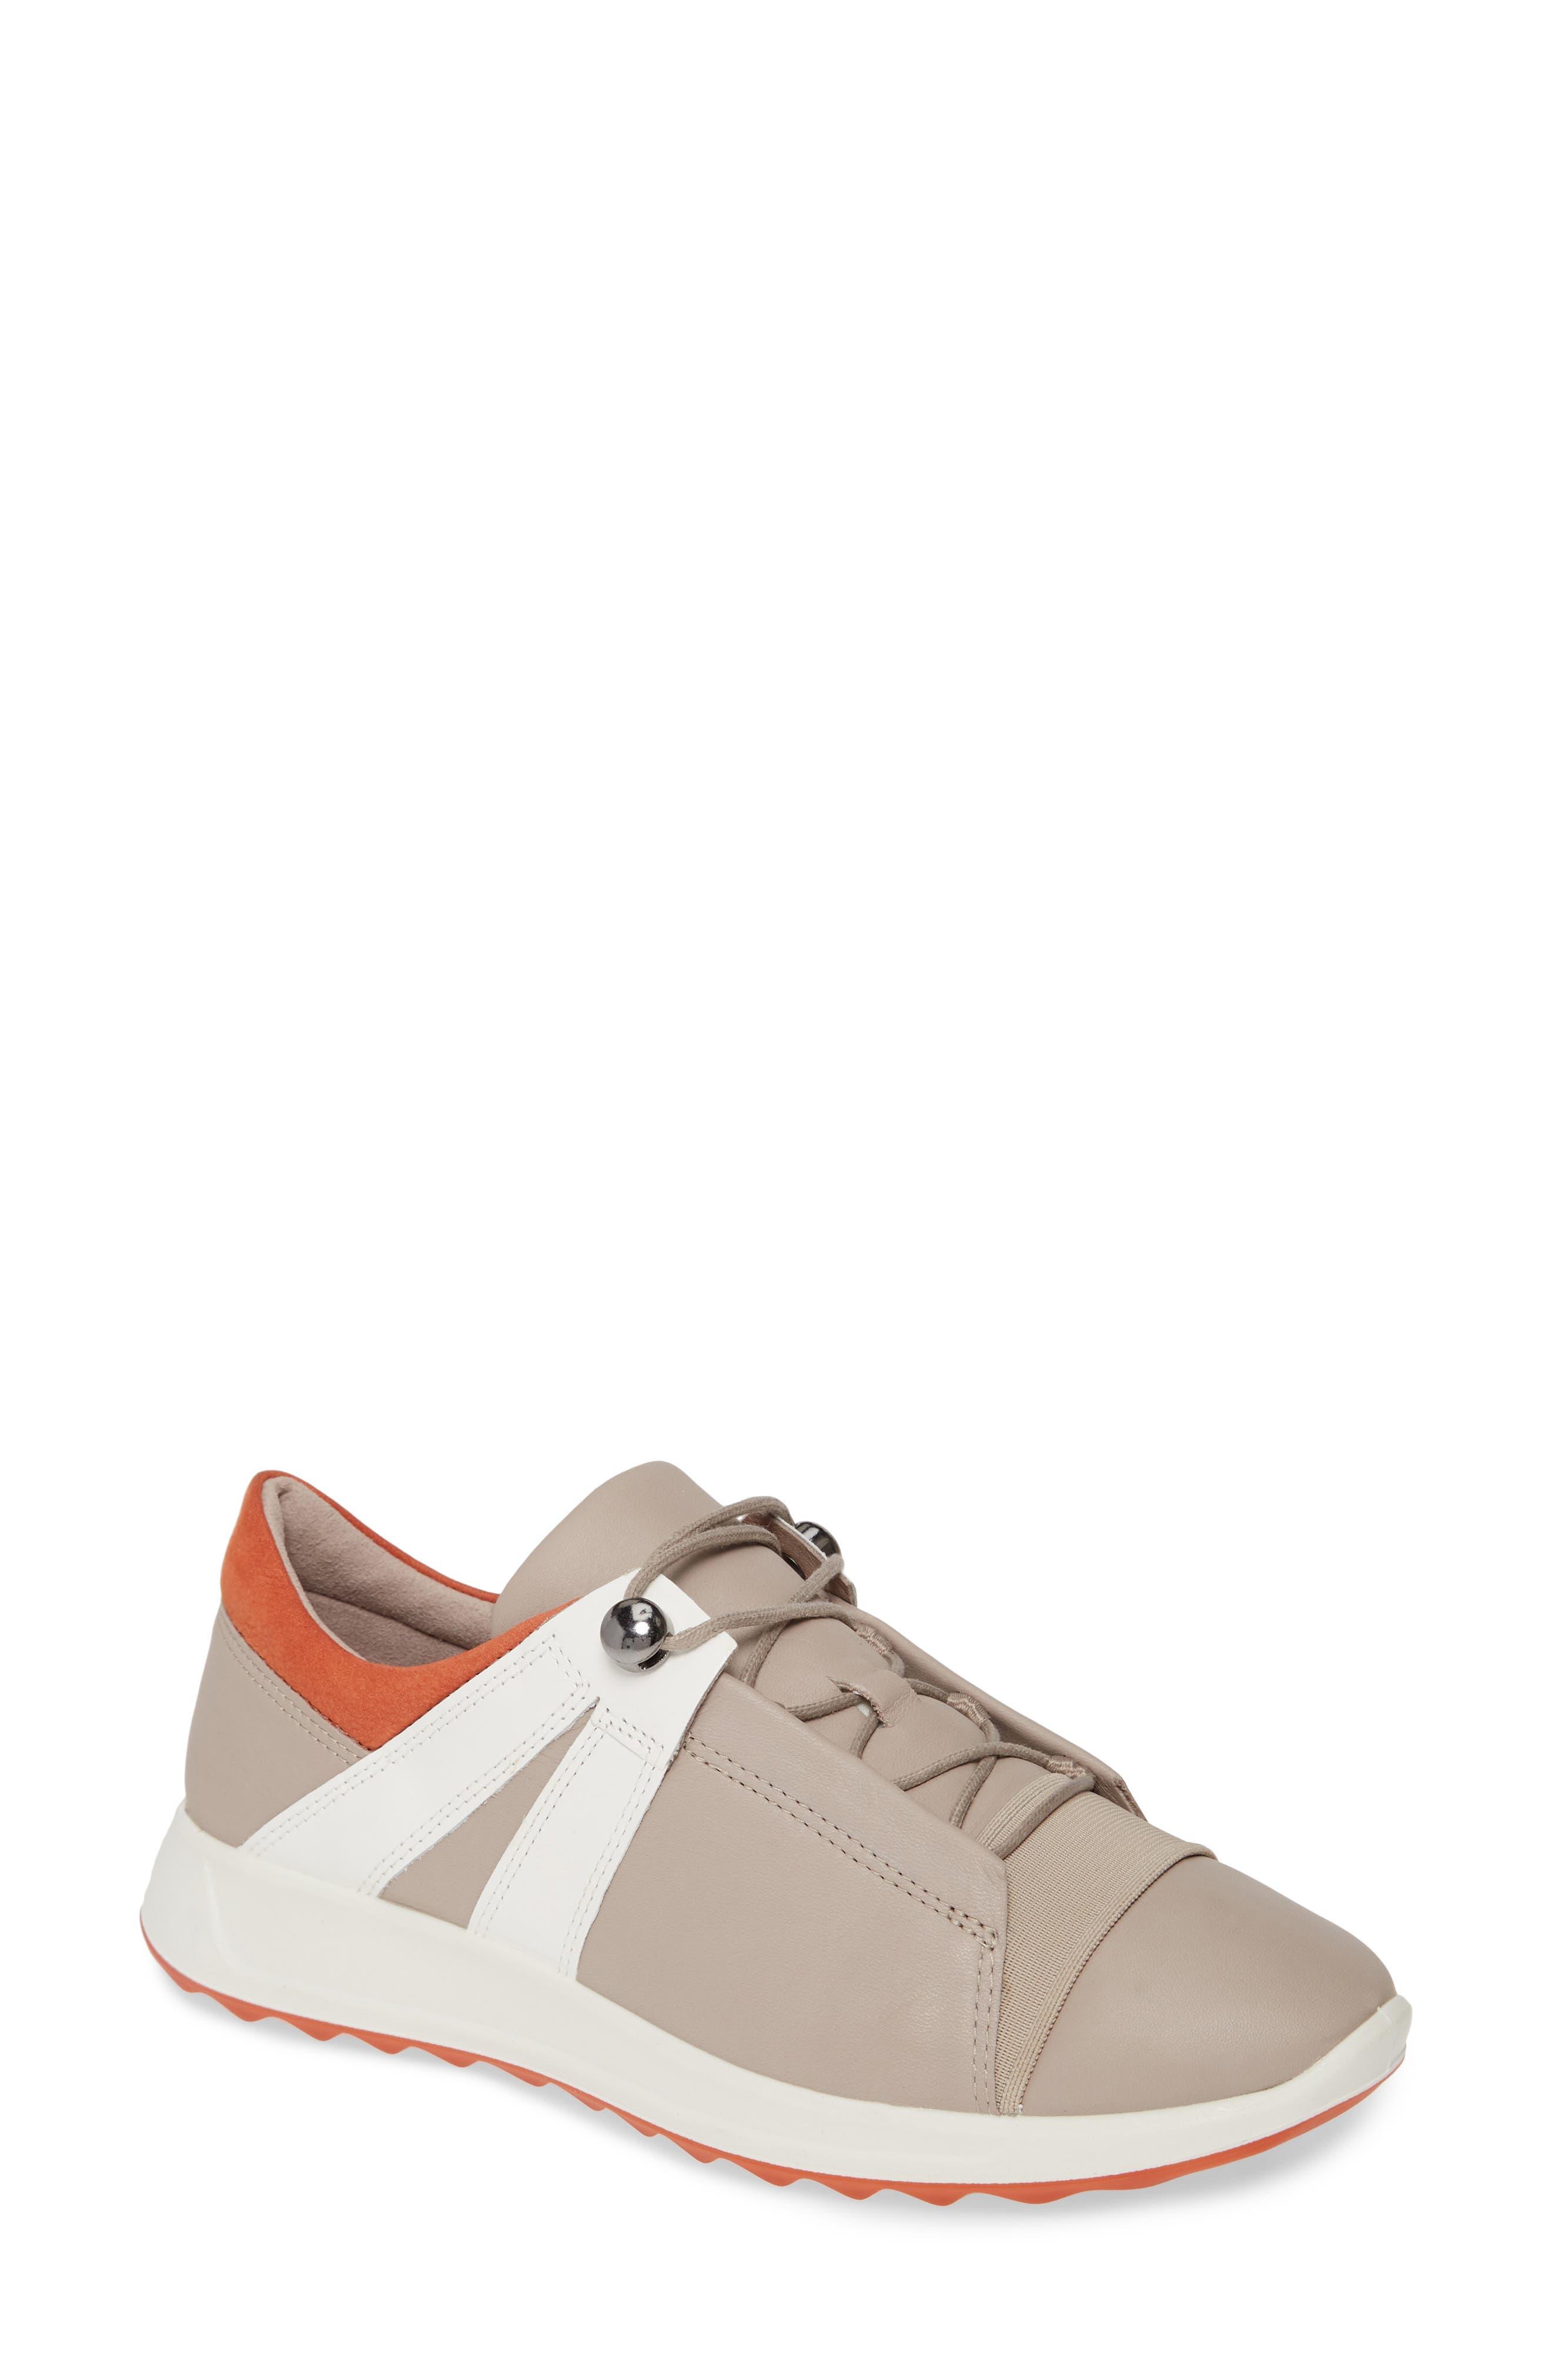 Ecco Flexure Runner Ii Sneaker, Grey